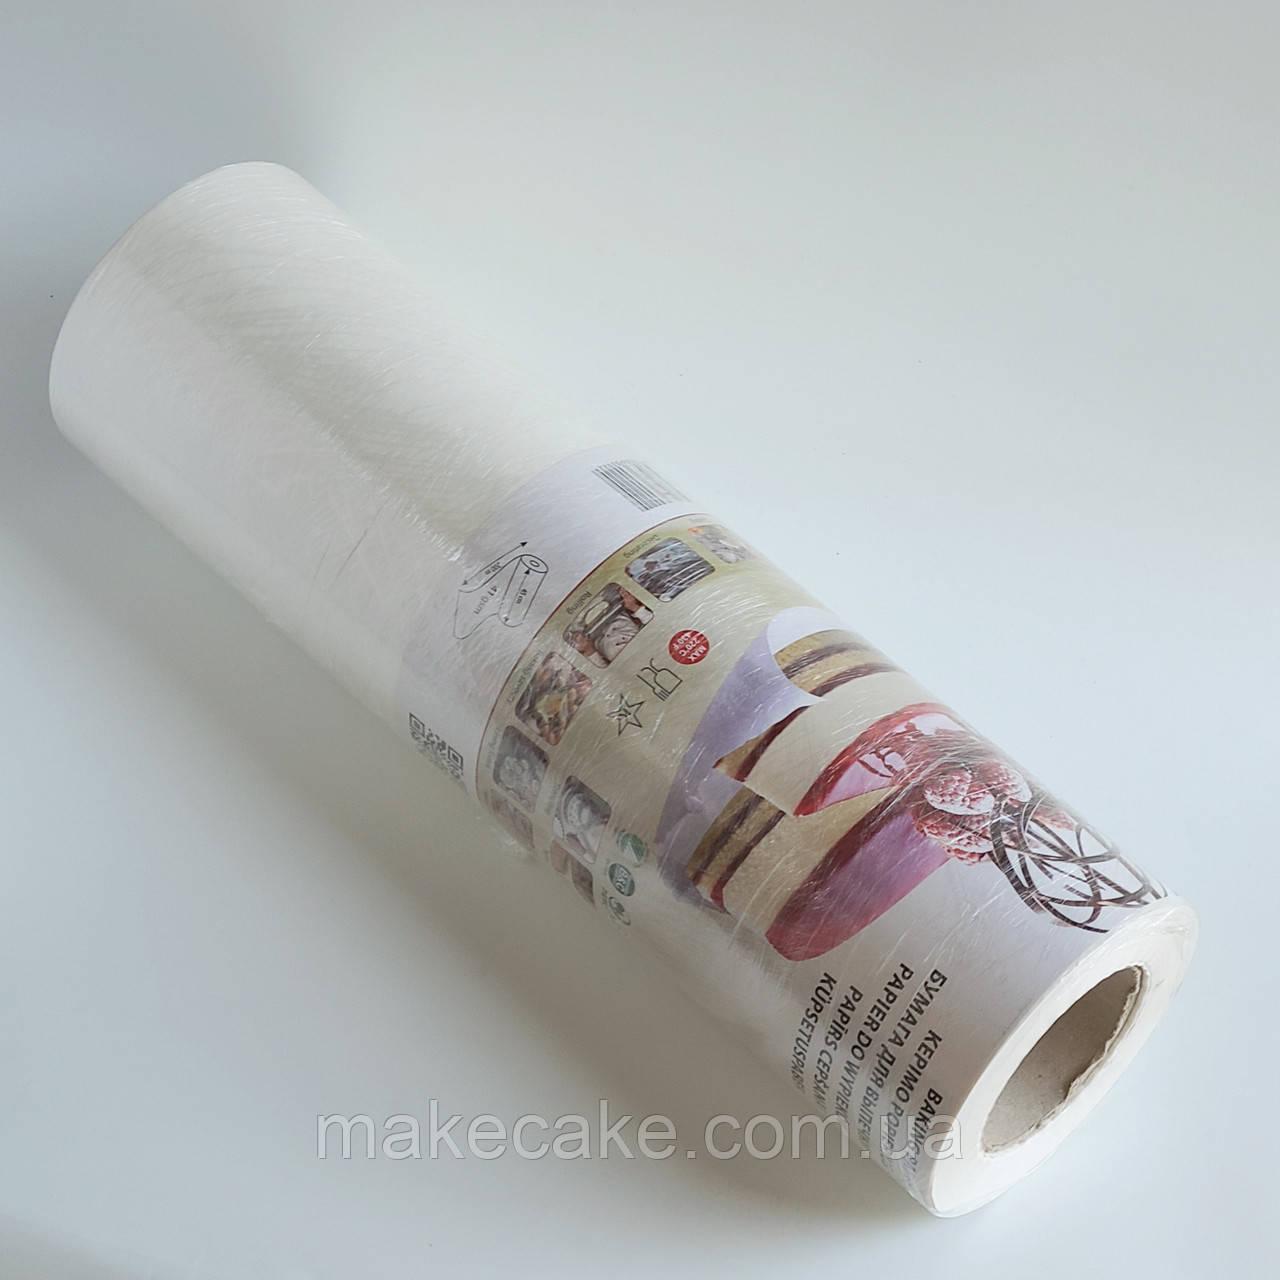 Силіконізований пергамент Eco Bake широкий 200 м (рулон)